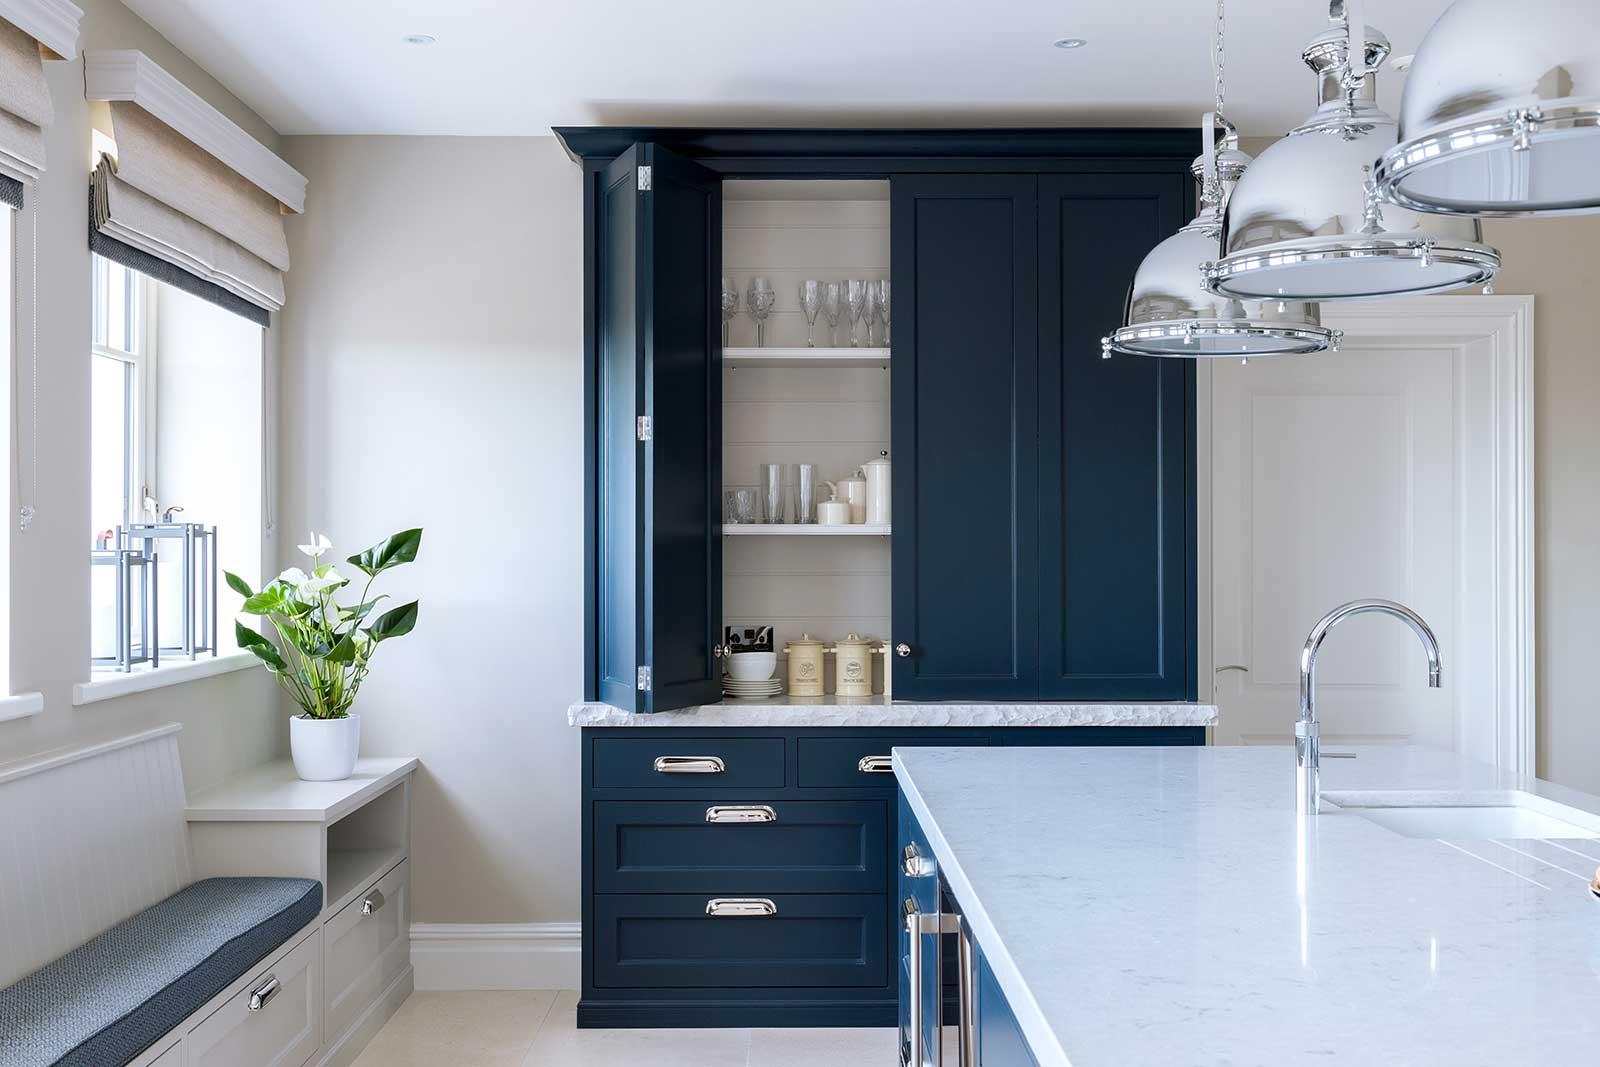 Carton-Interiors_P6_12_Kitchen